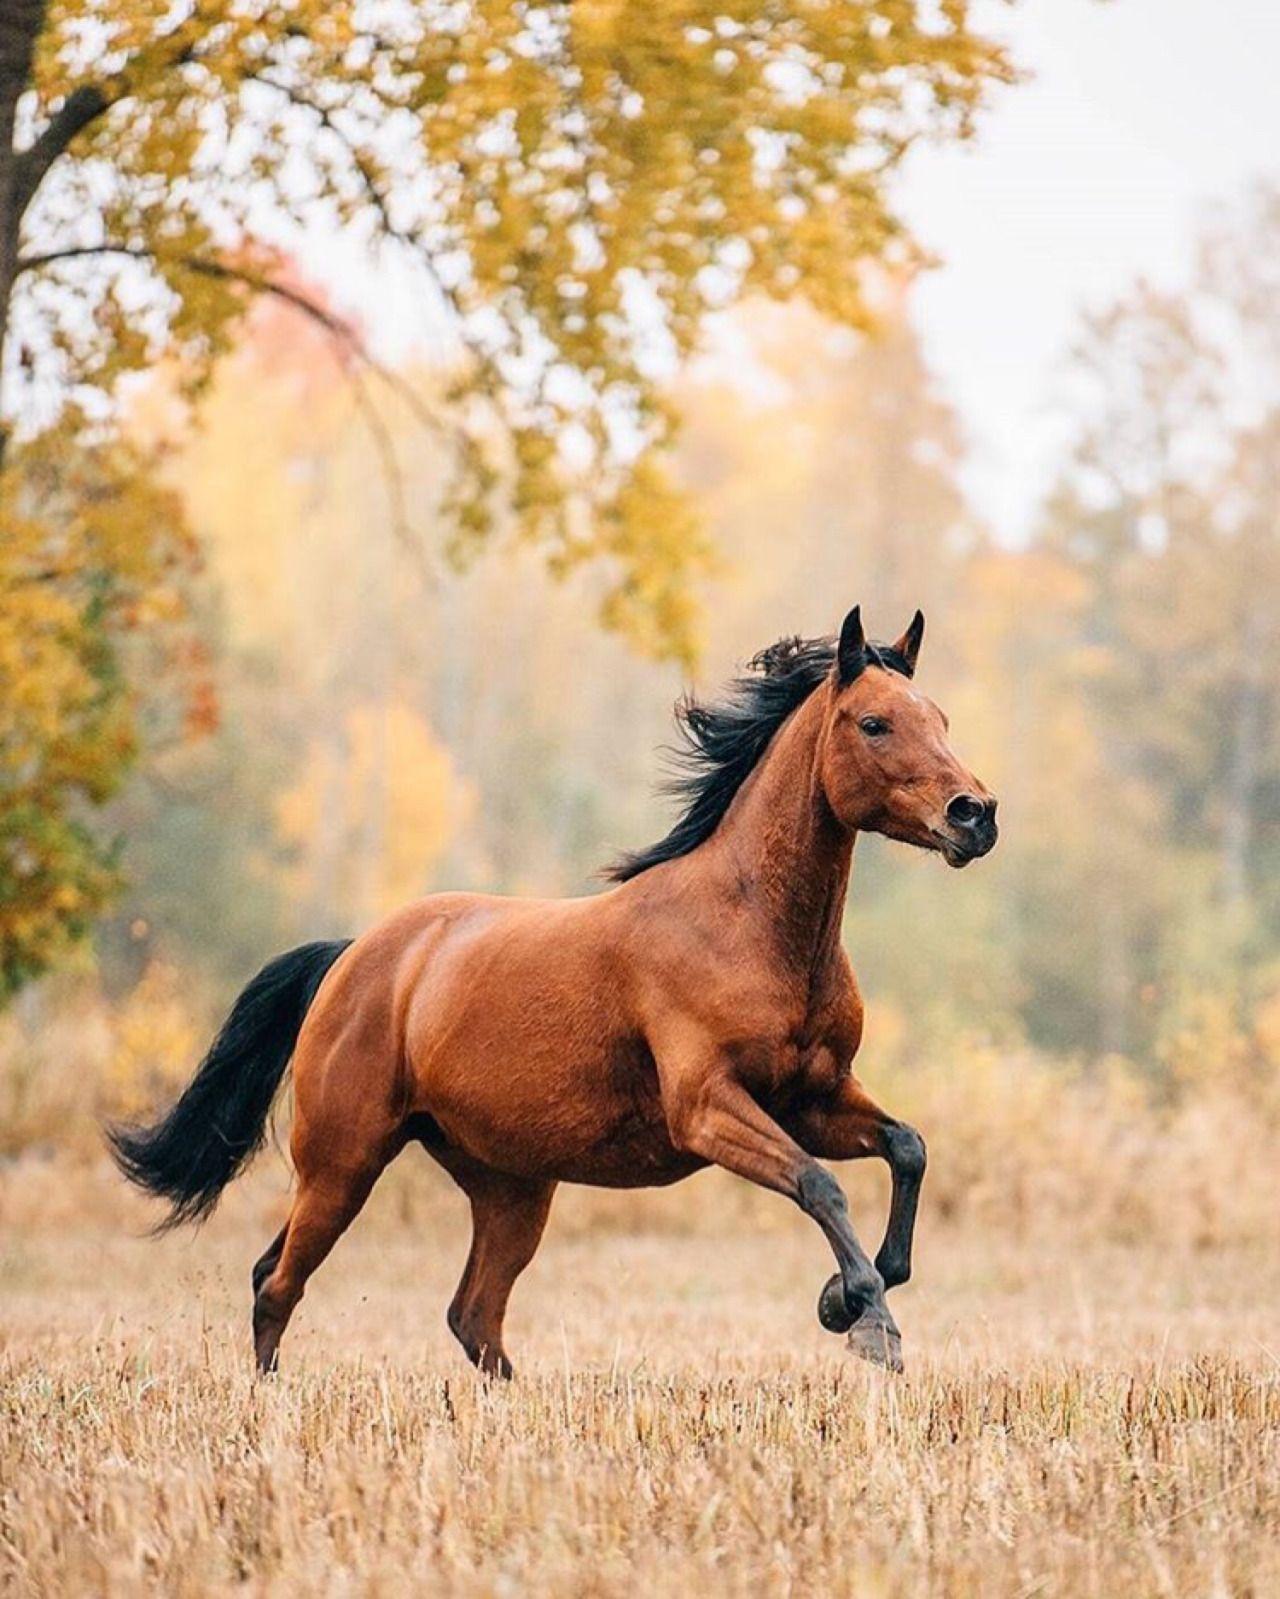 animals horse running free - photo #25